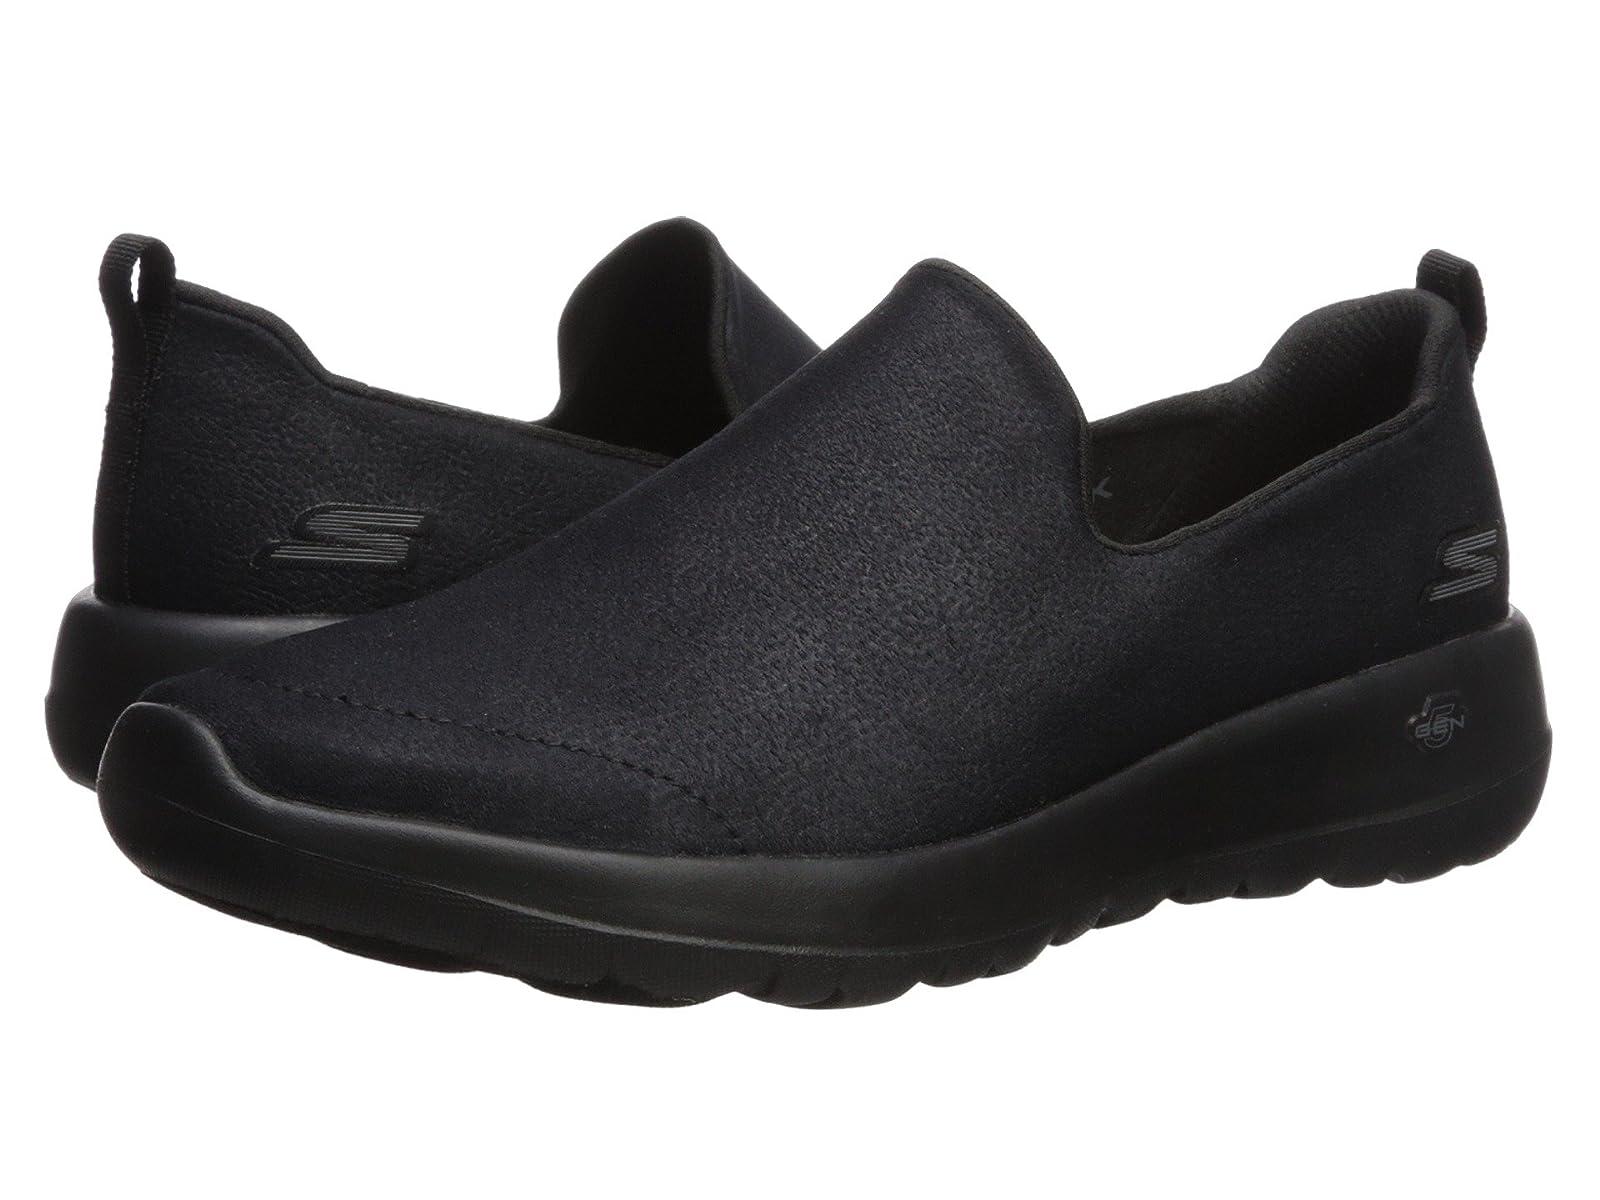 SKECHERS Performance Go Walk Joy - GratifyAtmospheric grades have affordable shoes